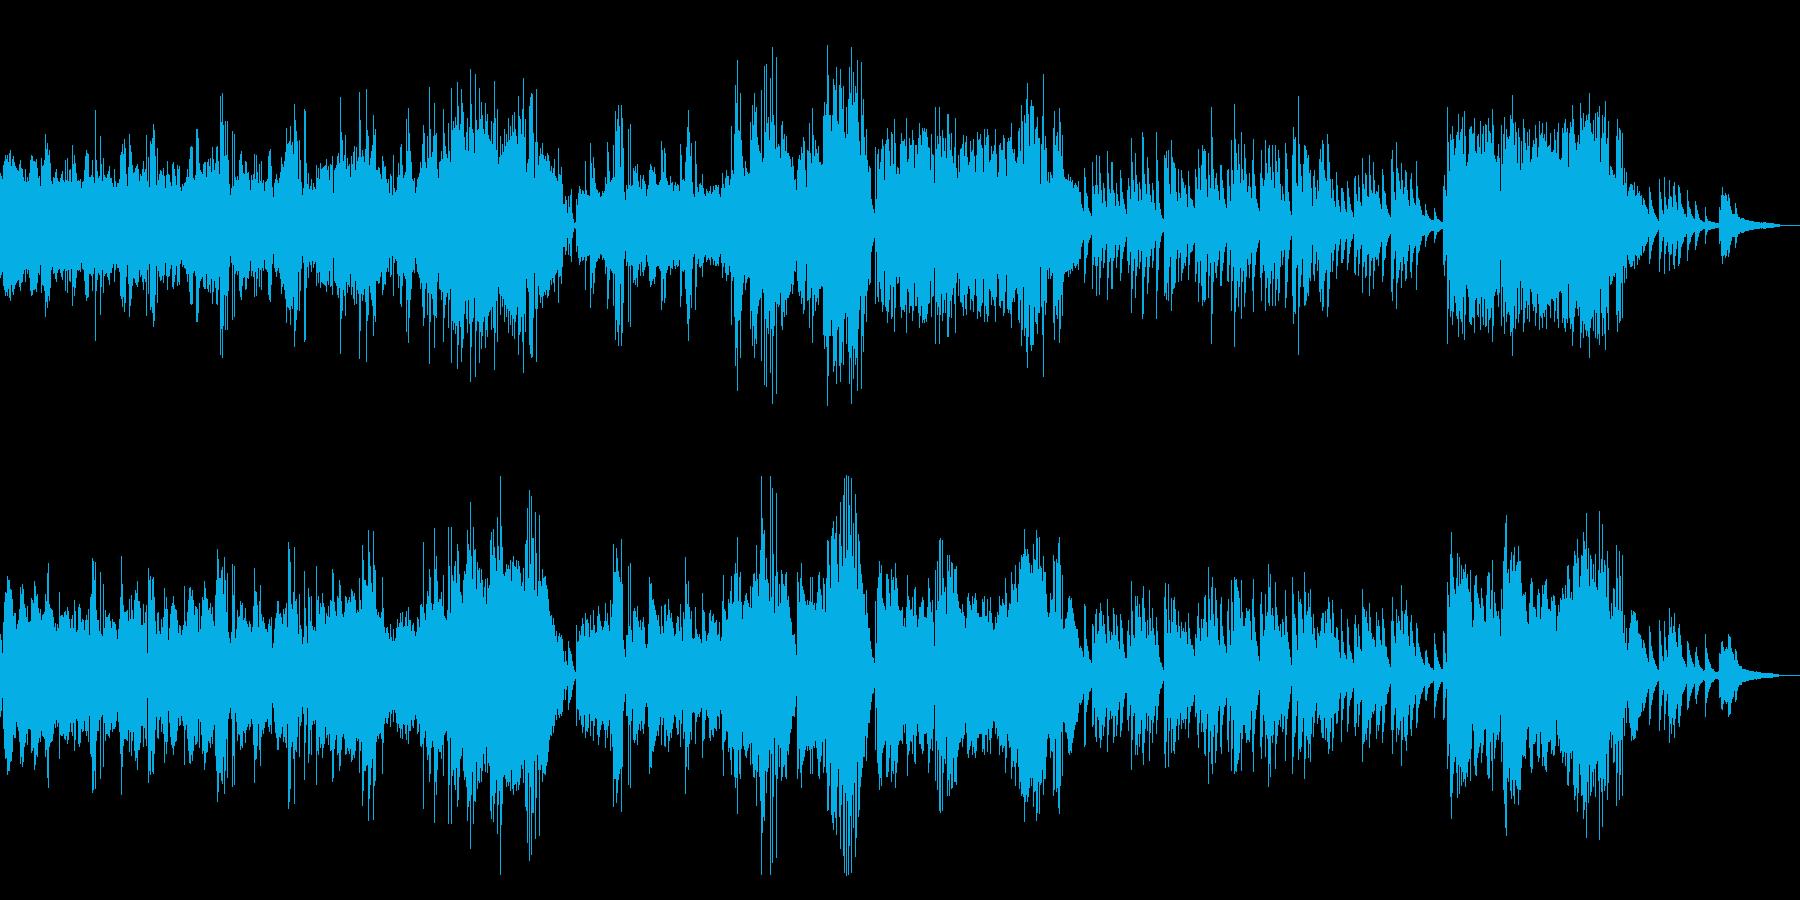 アンダンテ・スピアナート ショパンの再生済みの波形